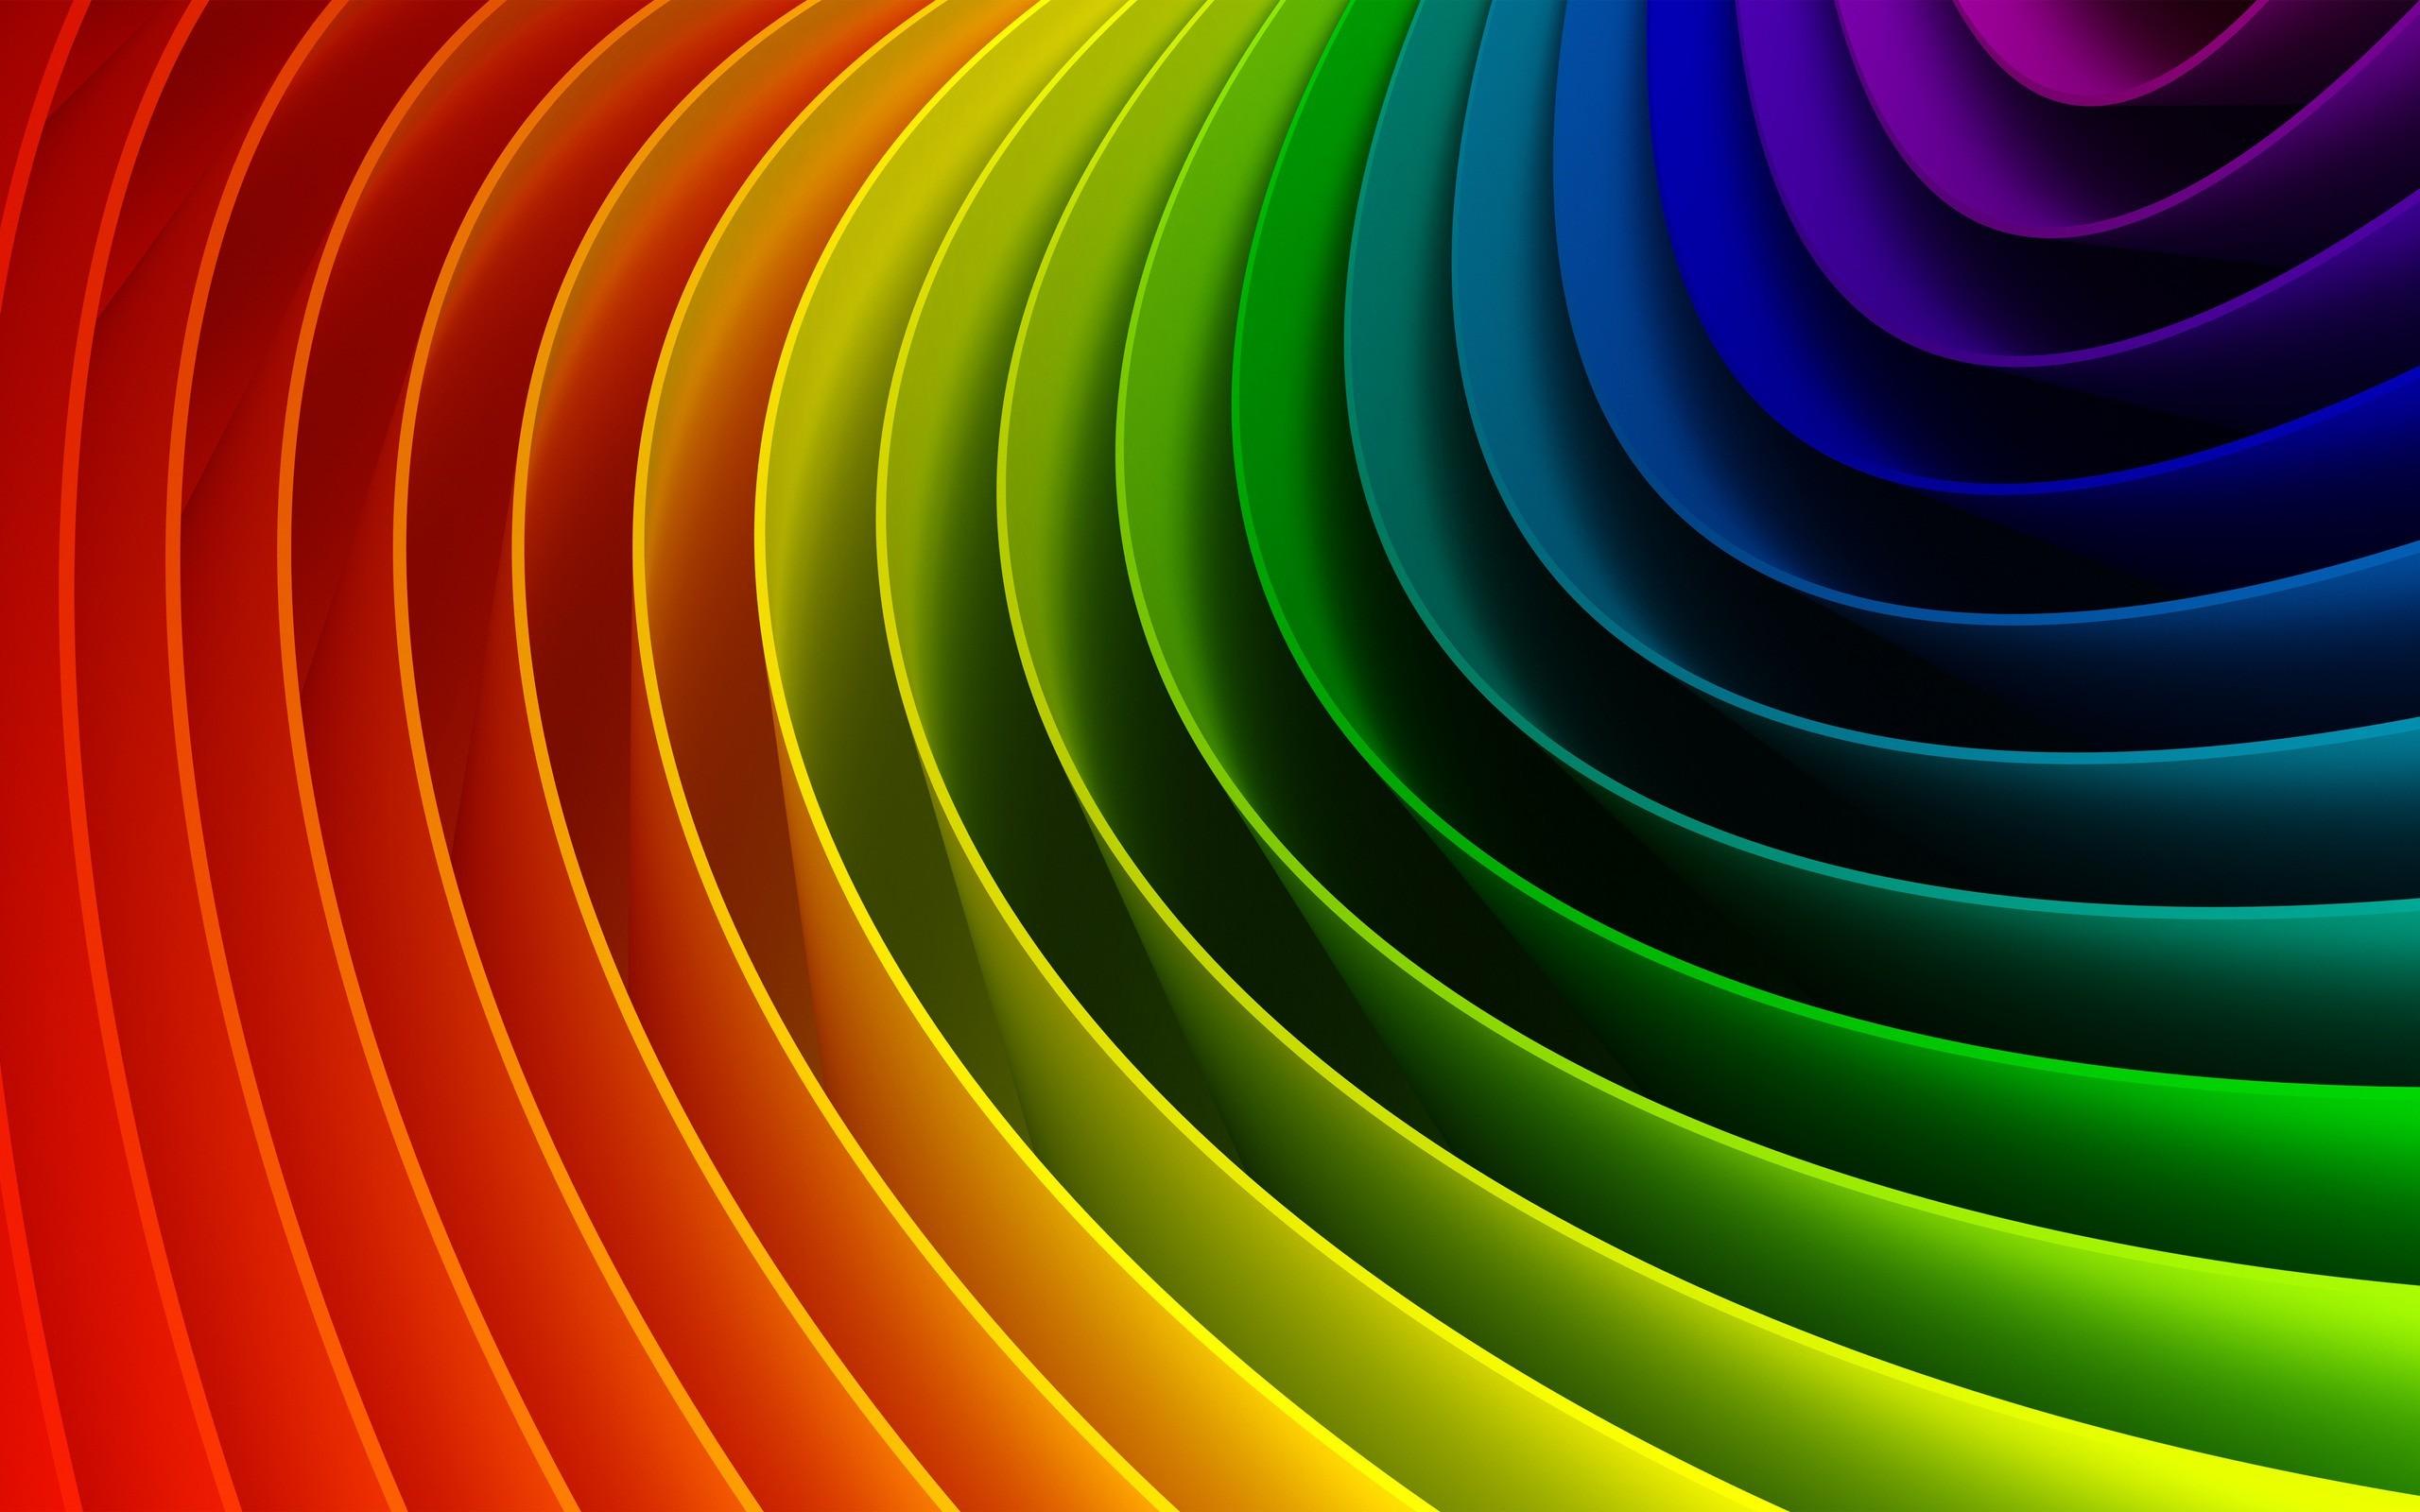 colorful wallpapers wallpapersafari